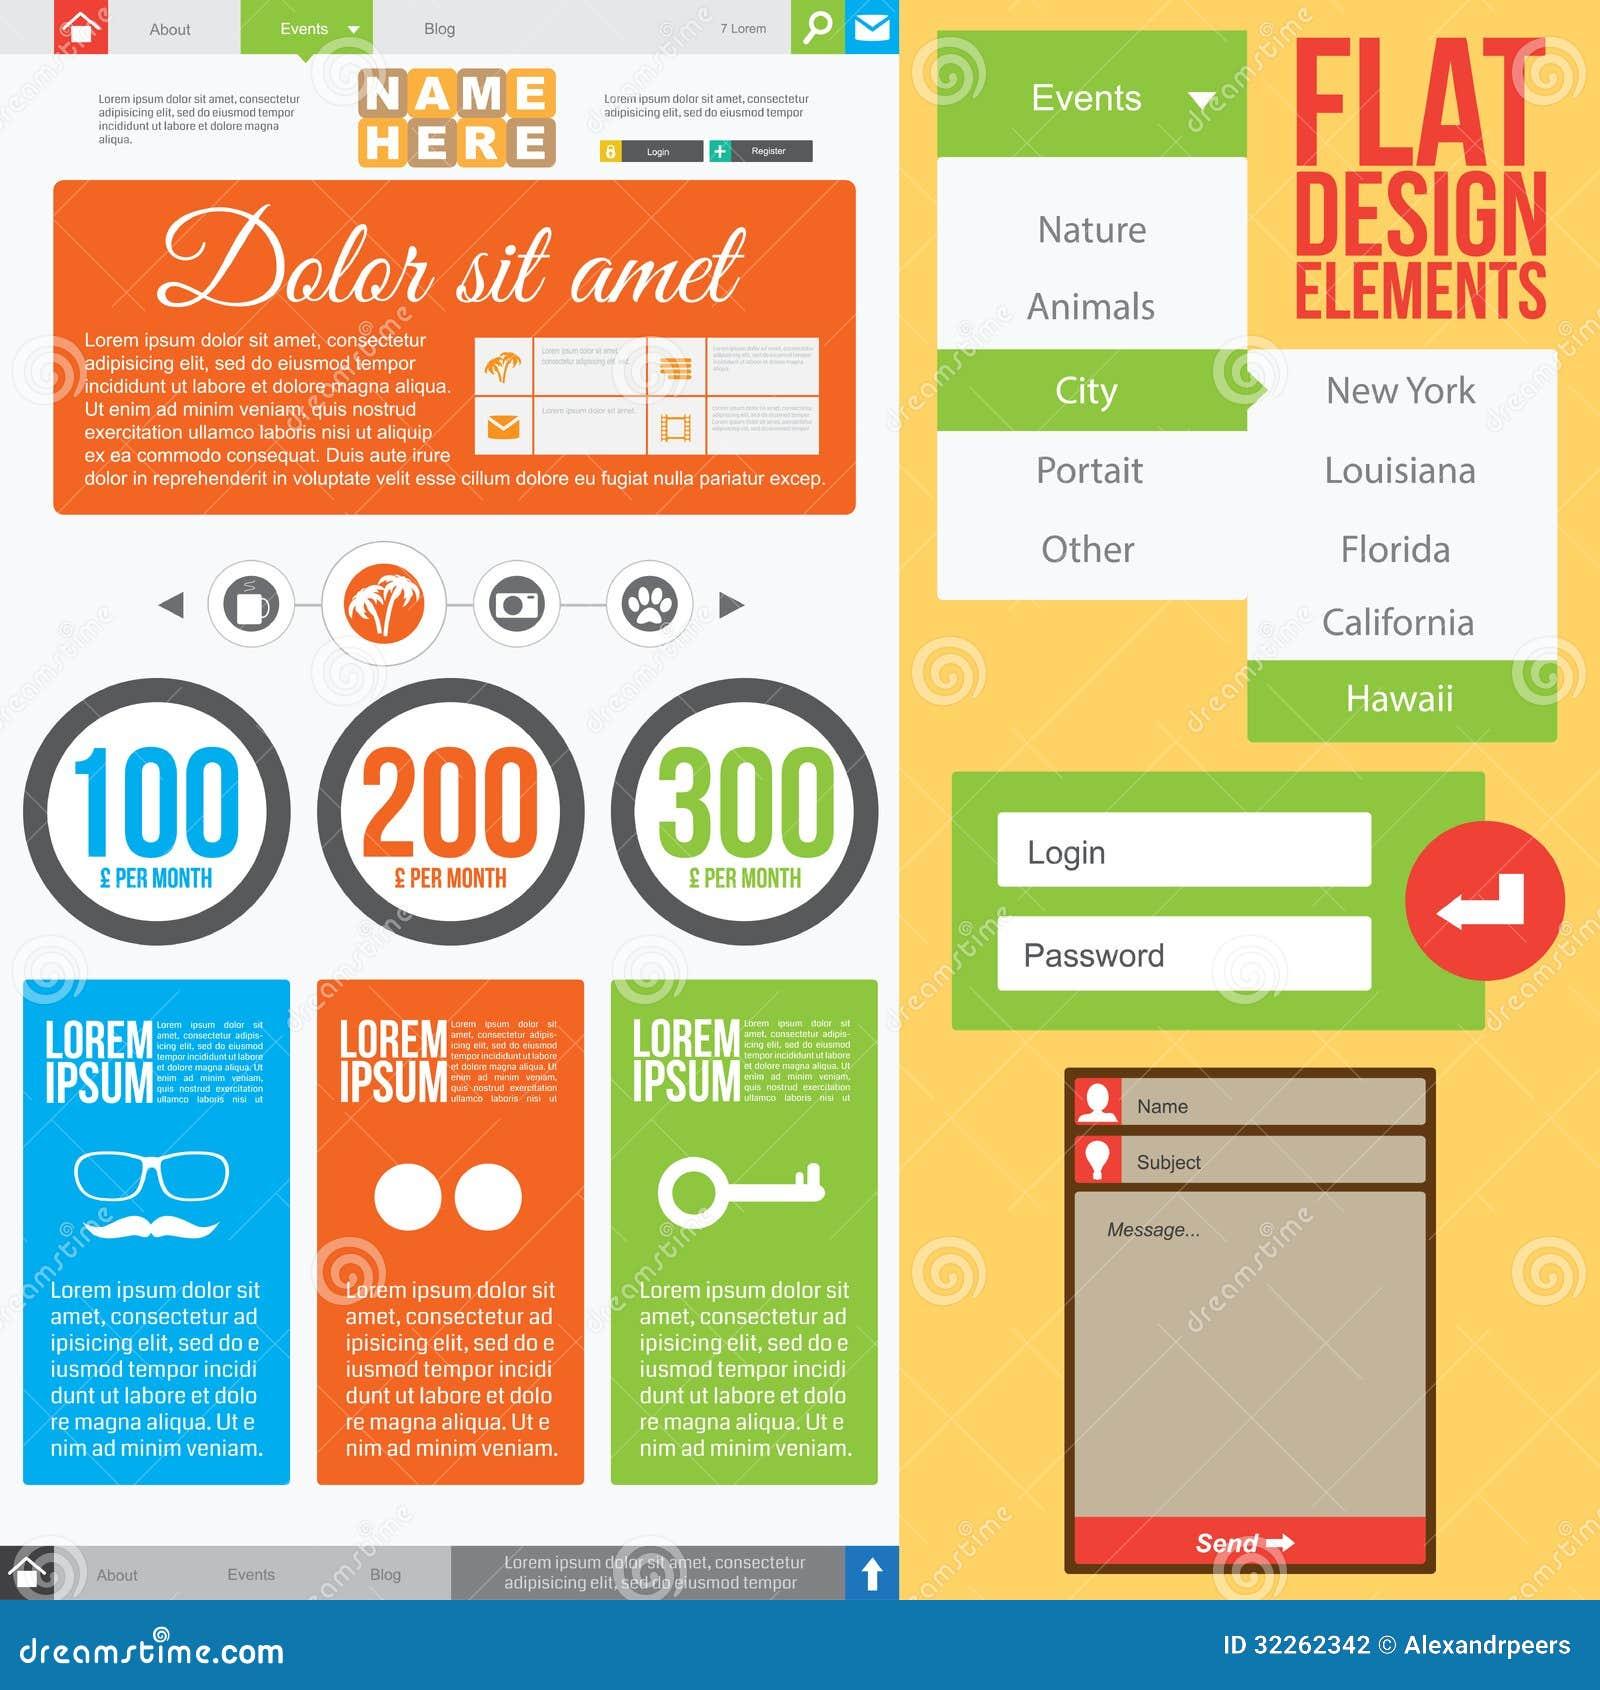 Flat Web Design Stock Photography Image 32262342